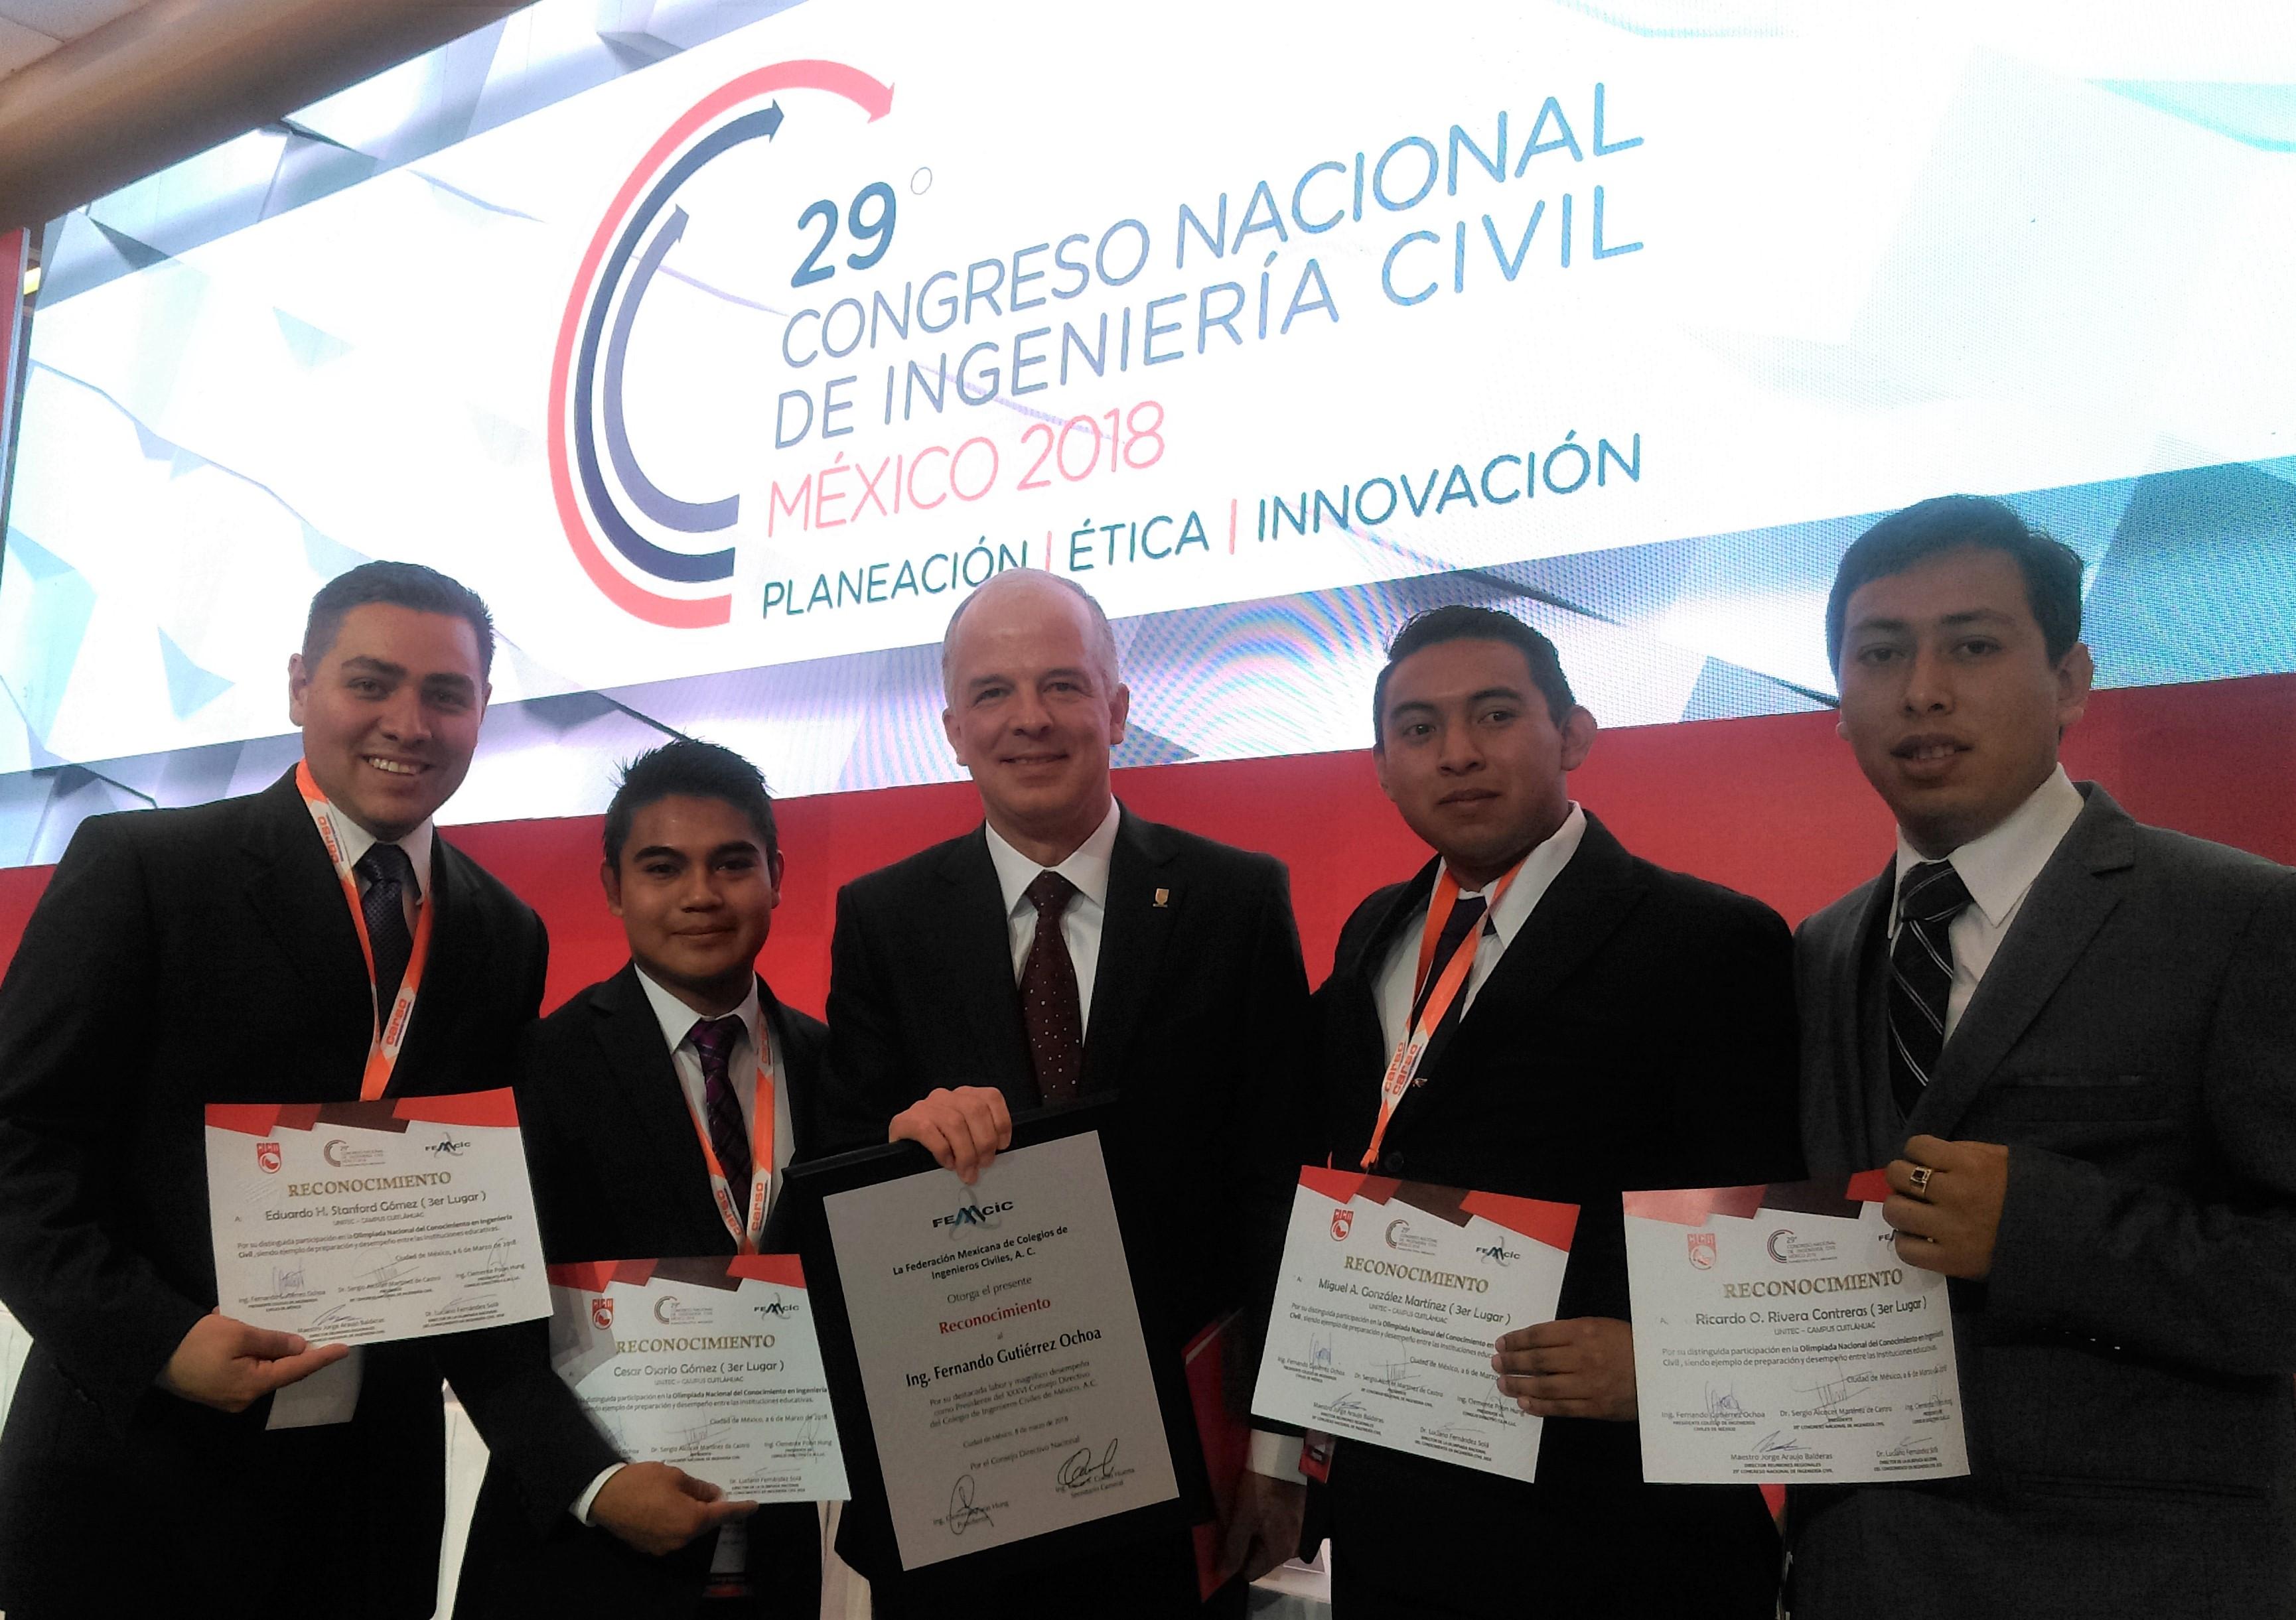 Representantes de UNITEC obtienen 3er. lugar en Olimpiada Nacional de Ing. Civil - Featured Image